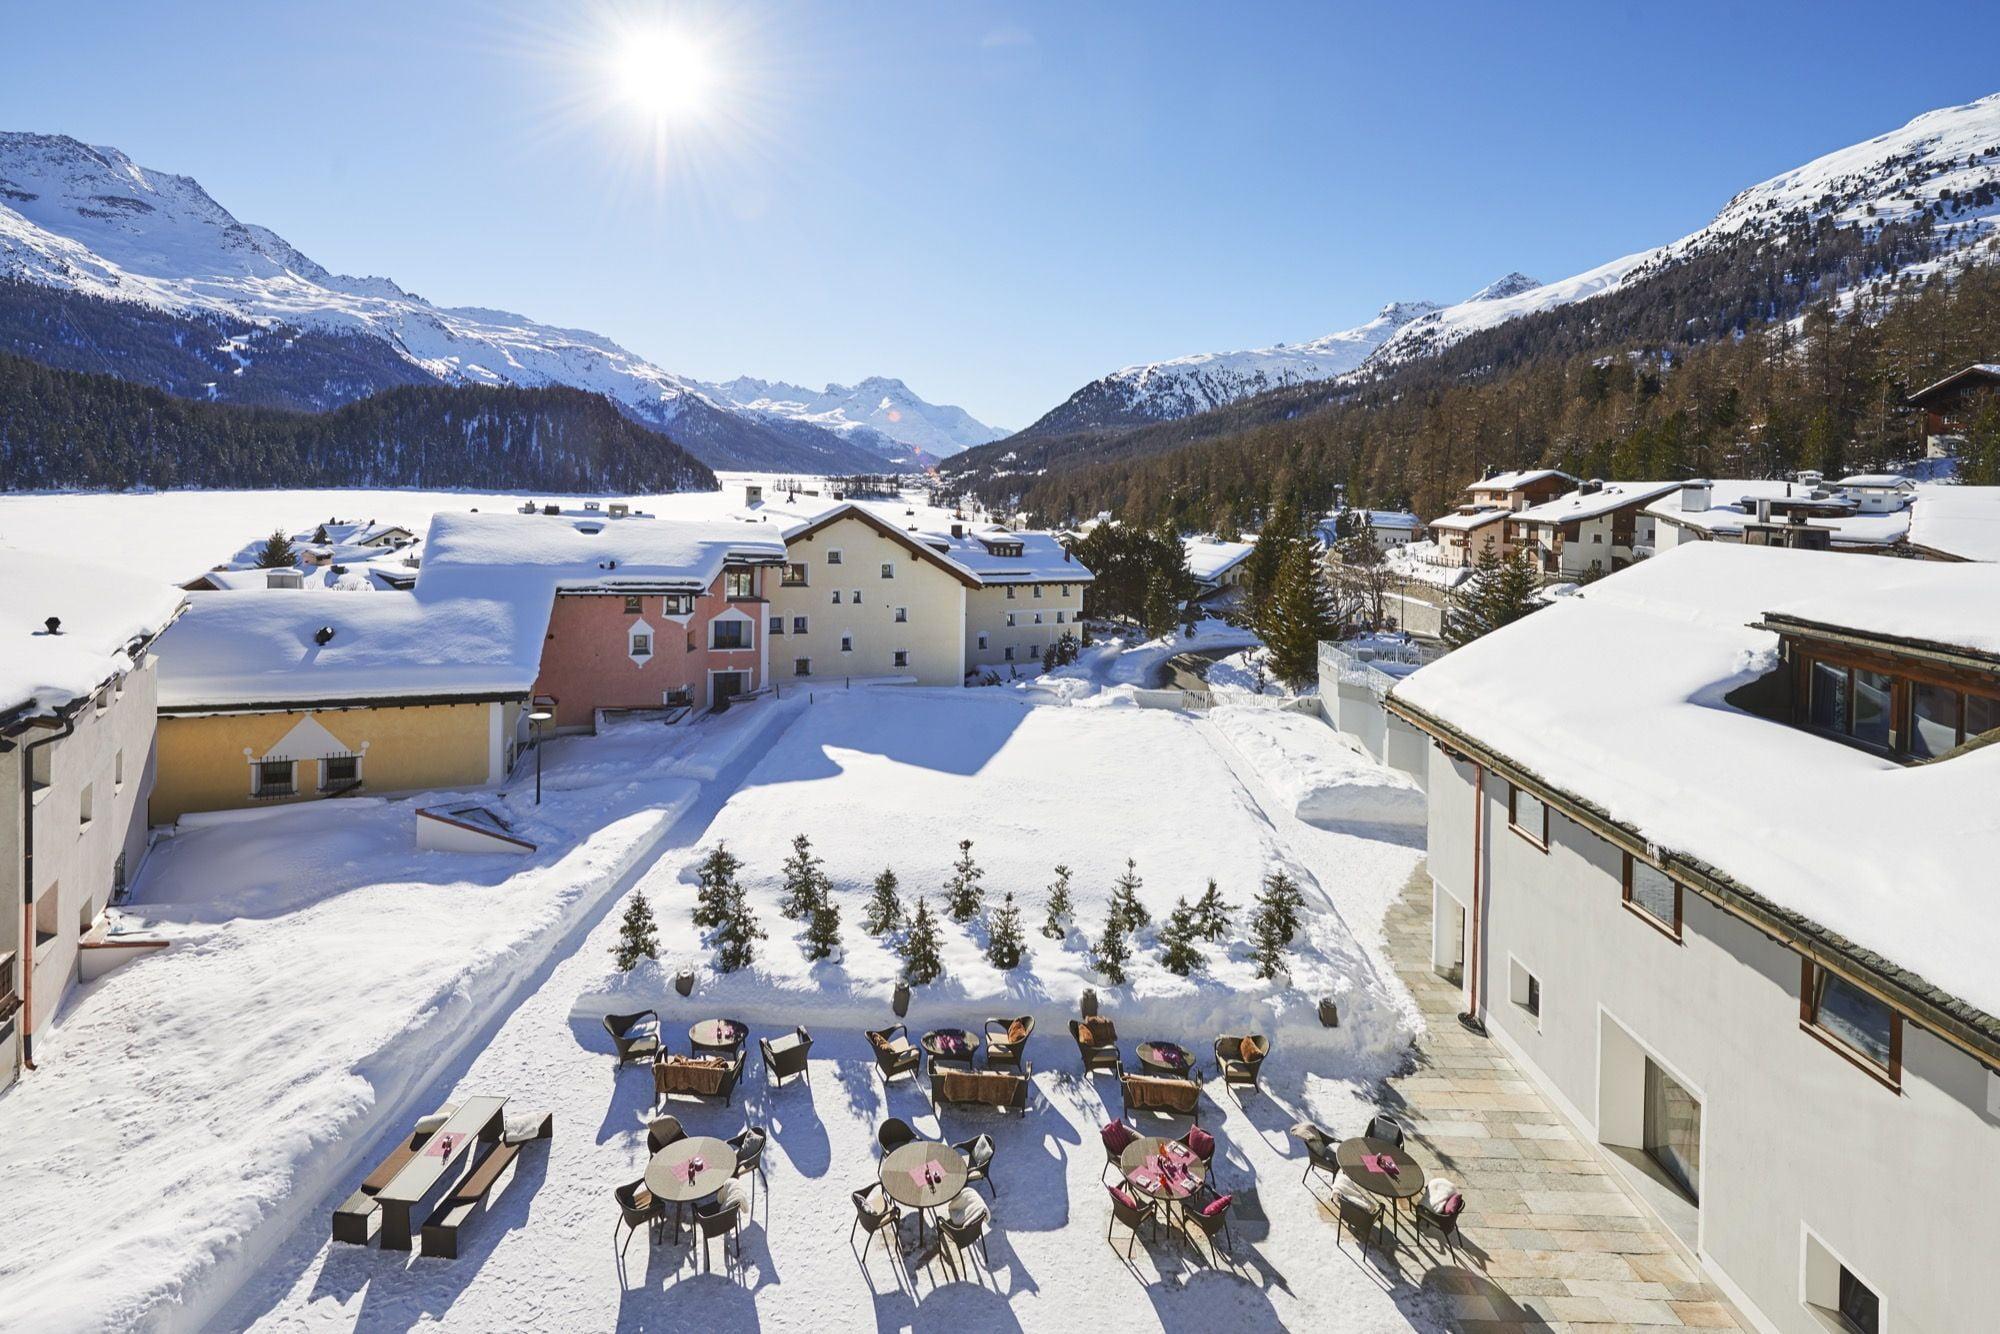 Giardino Mountain, St. Moritz-Champfèr